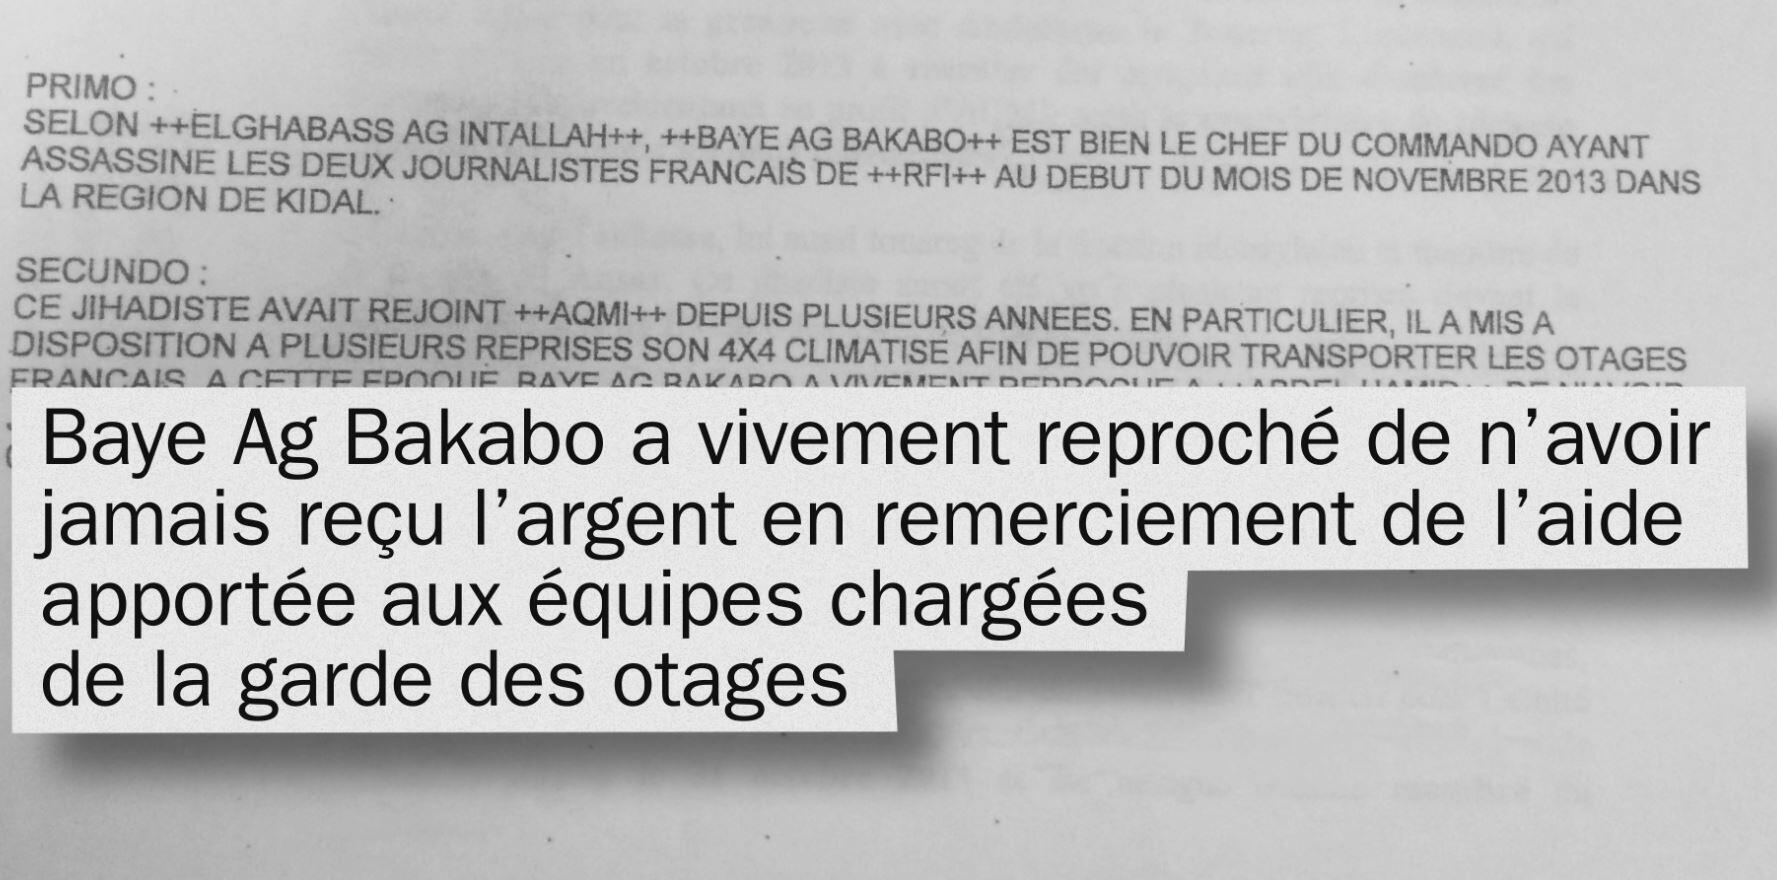 Extrait de la note confidentielle des renseignements militaires français produite dans le document diffusé jeudi 26 janvier dans Envoyé Spécial.